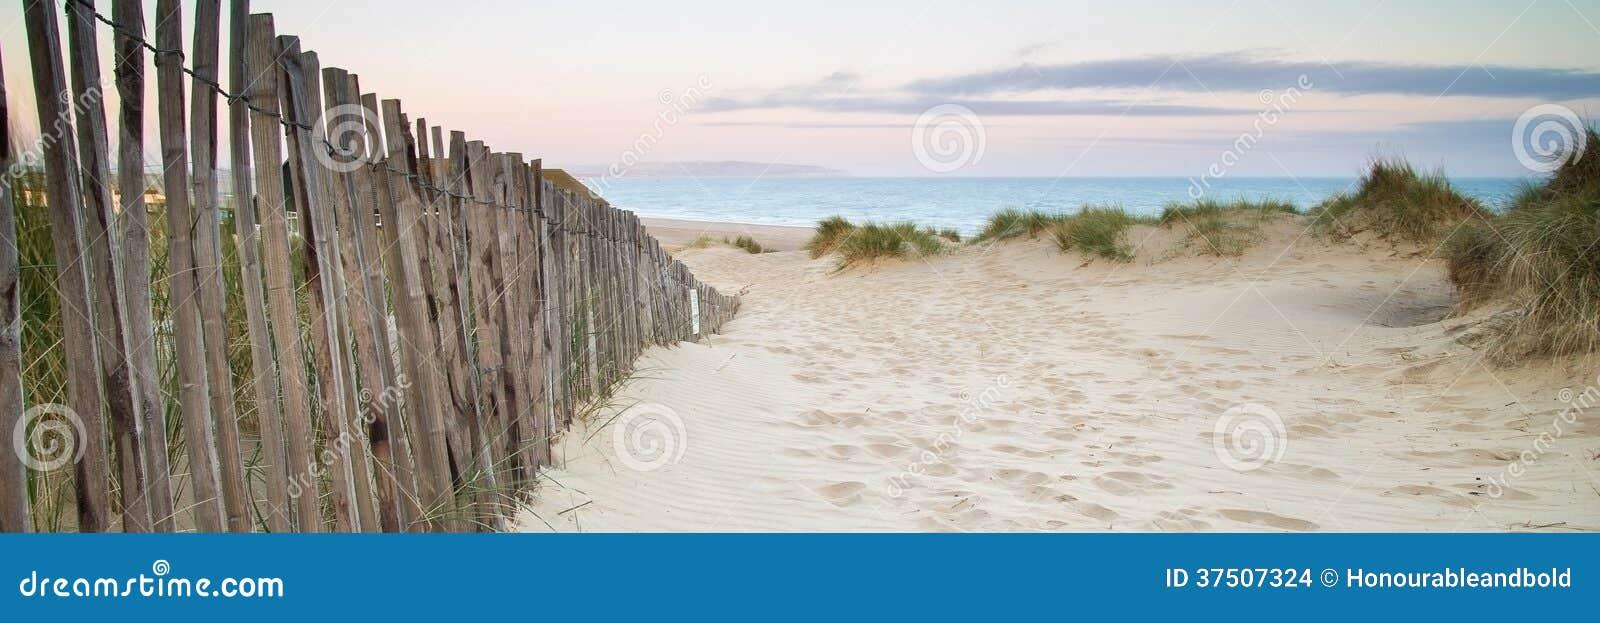 在海滩的沙丘系统全景风景在日出